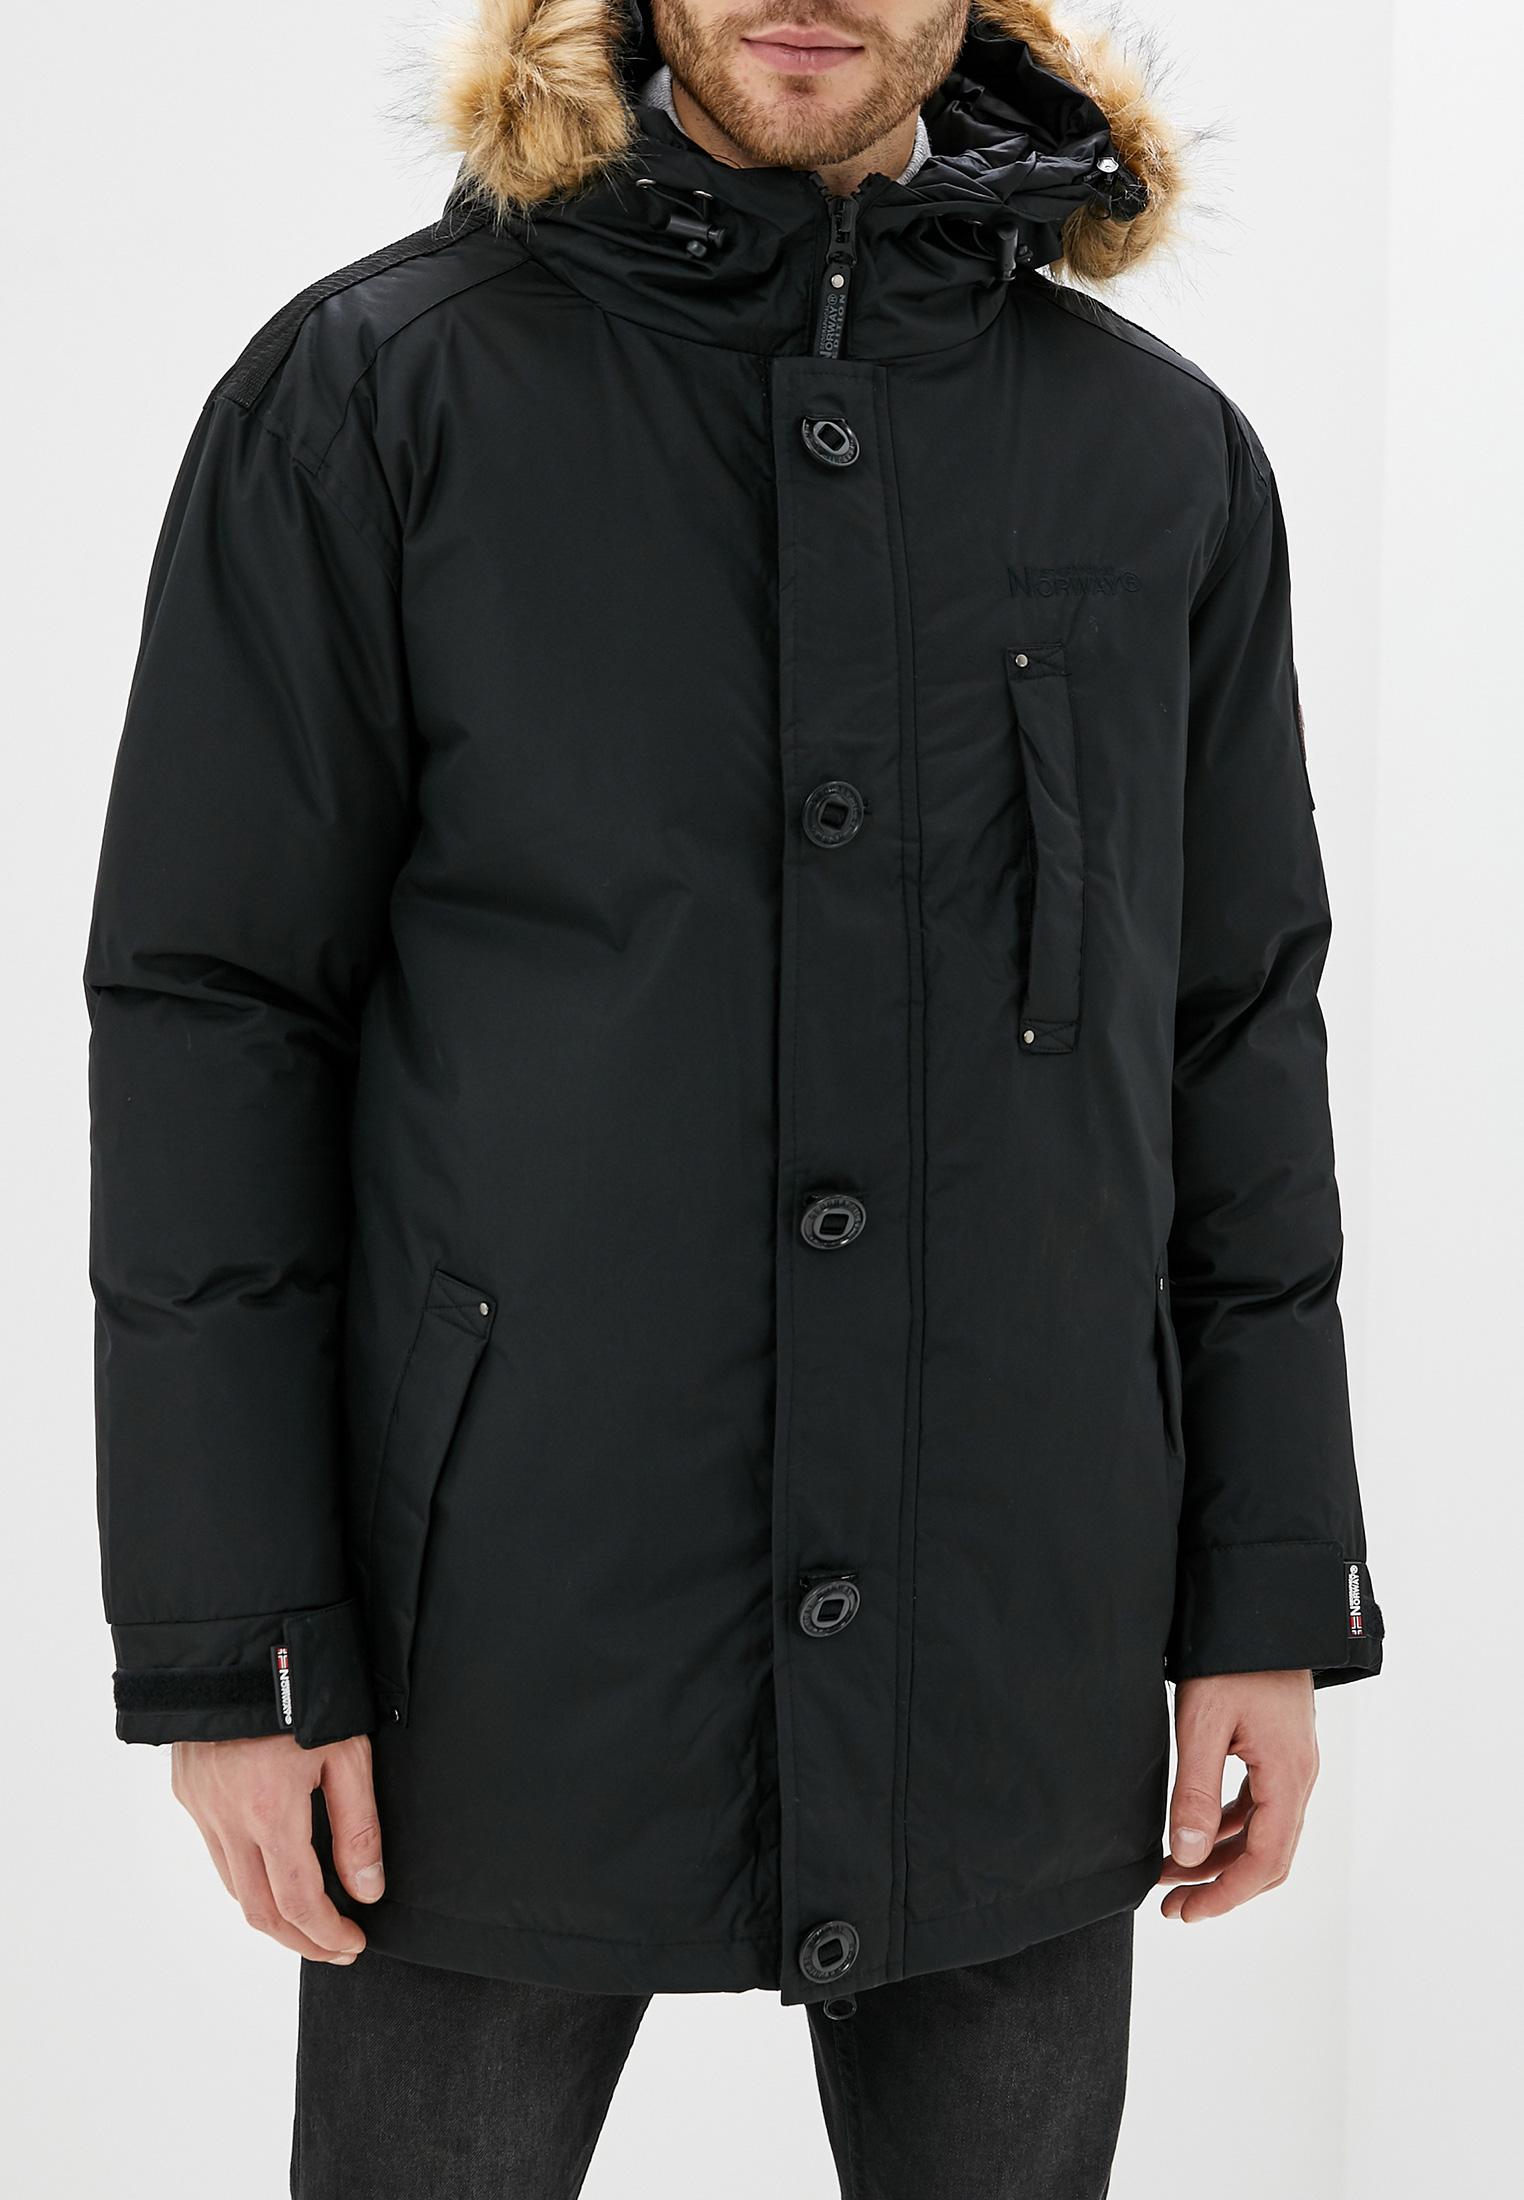 Утепленная куртка Geographical norway WR084H/GN